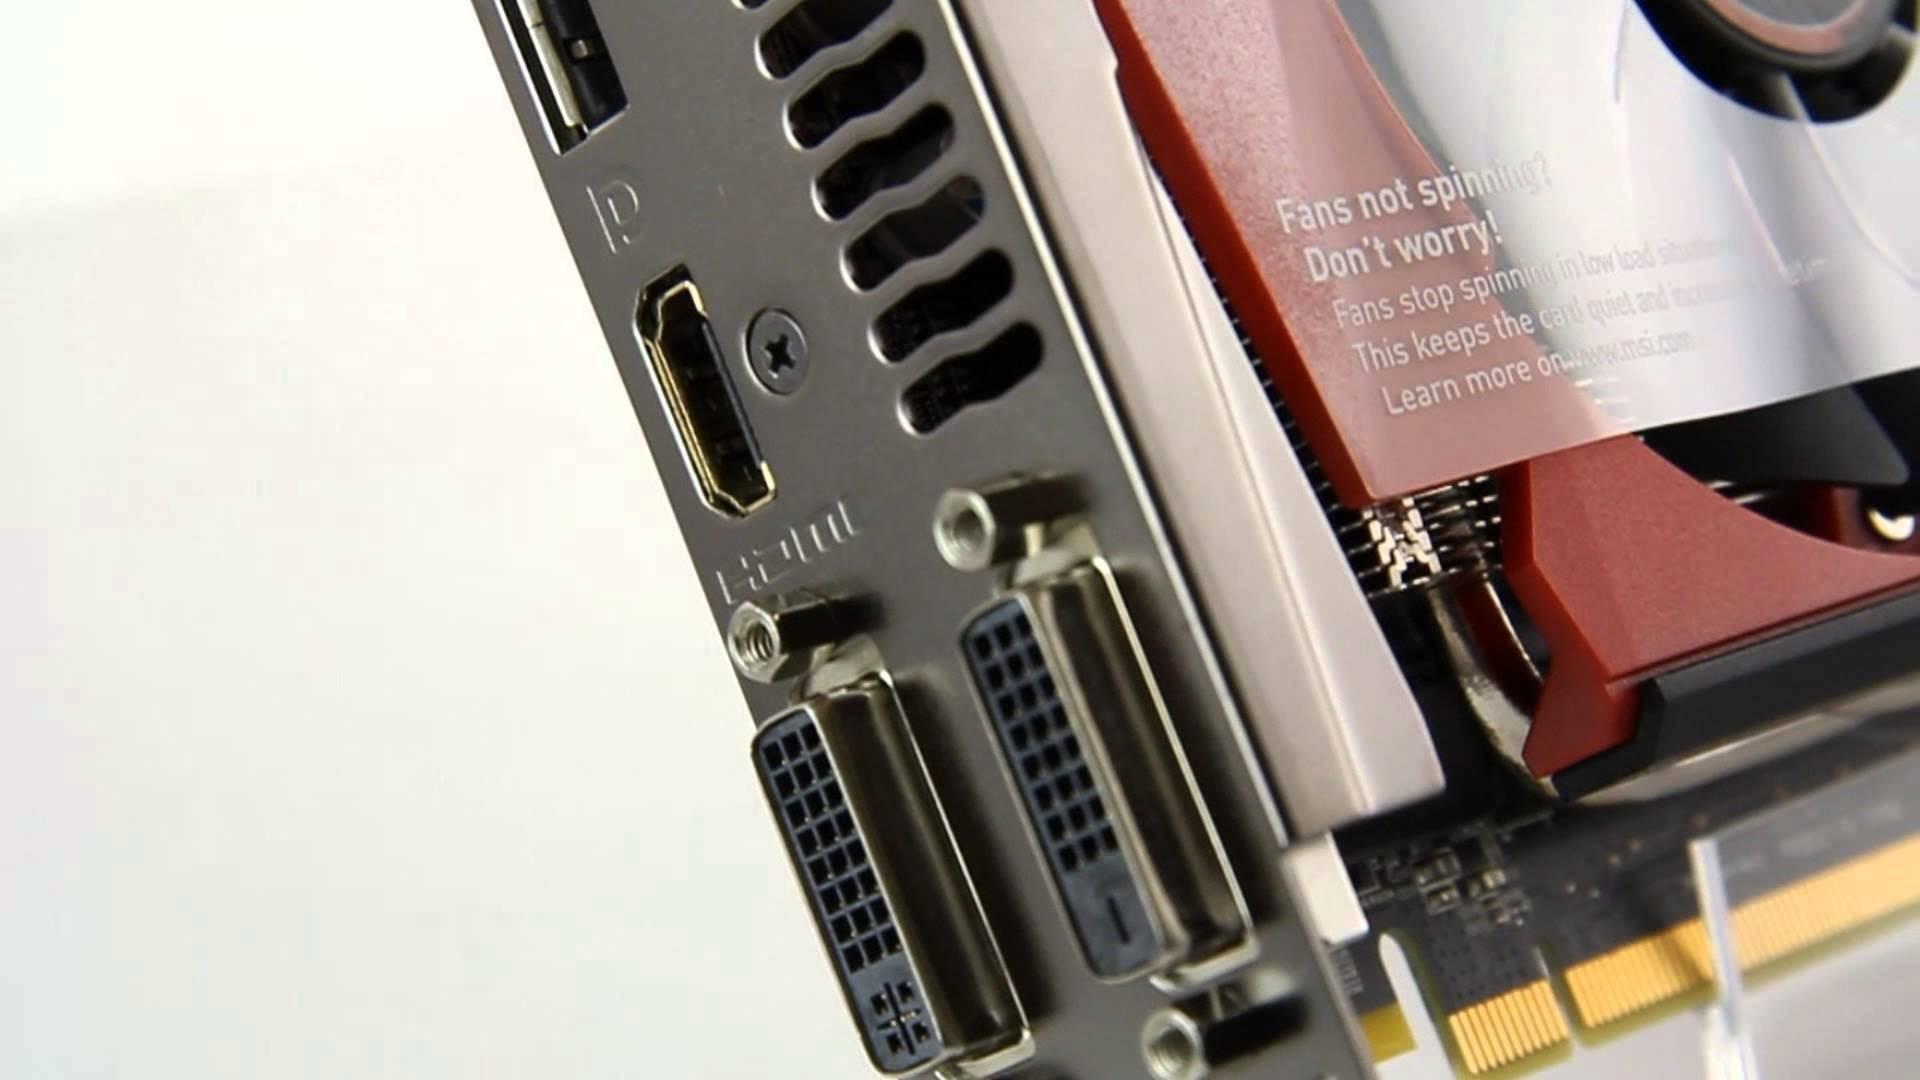 MSI R9 380 Gaming 2G - Đánh Giá Gaming Gear